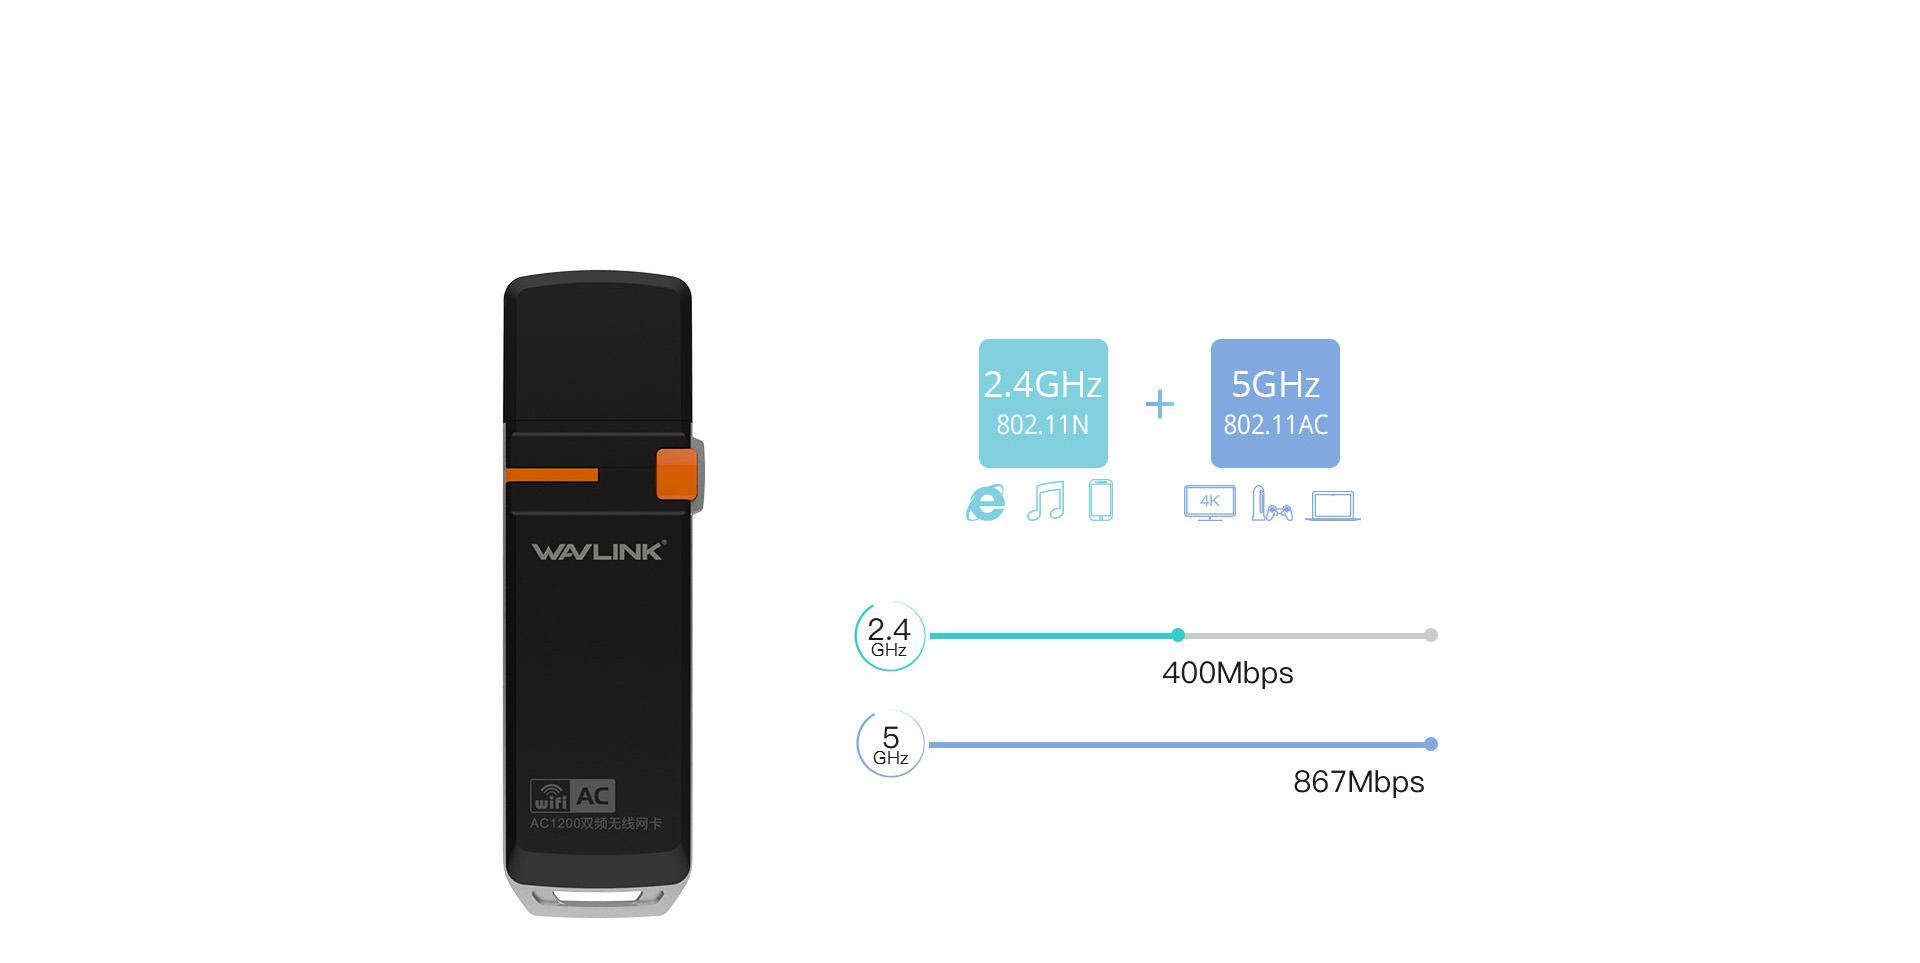 WN688A2,1200Mbps速率,高清视频、在线游戏无卡顿